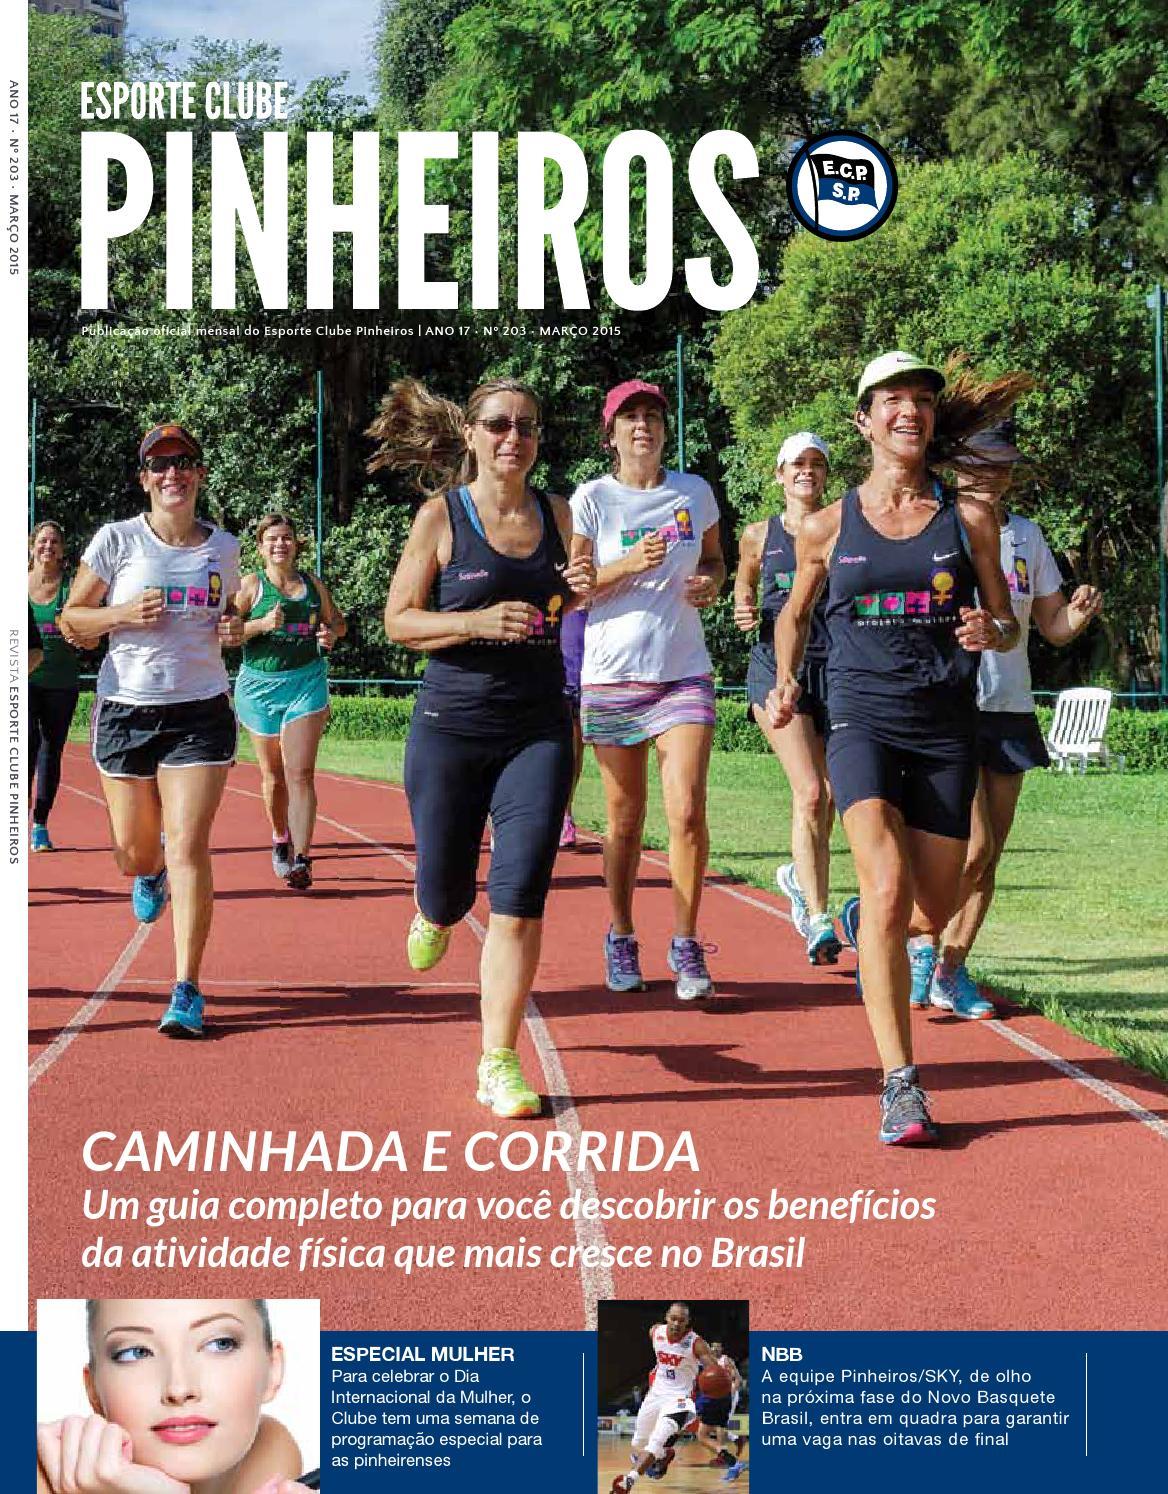 Revista n° 203 Março 2015 by Esporte Clube Pinheiros - issuu dd71d7af93697